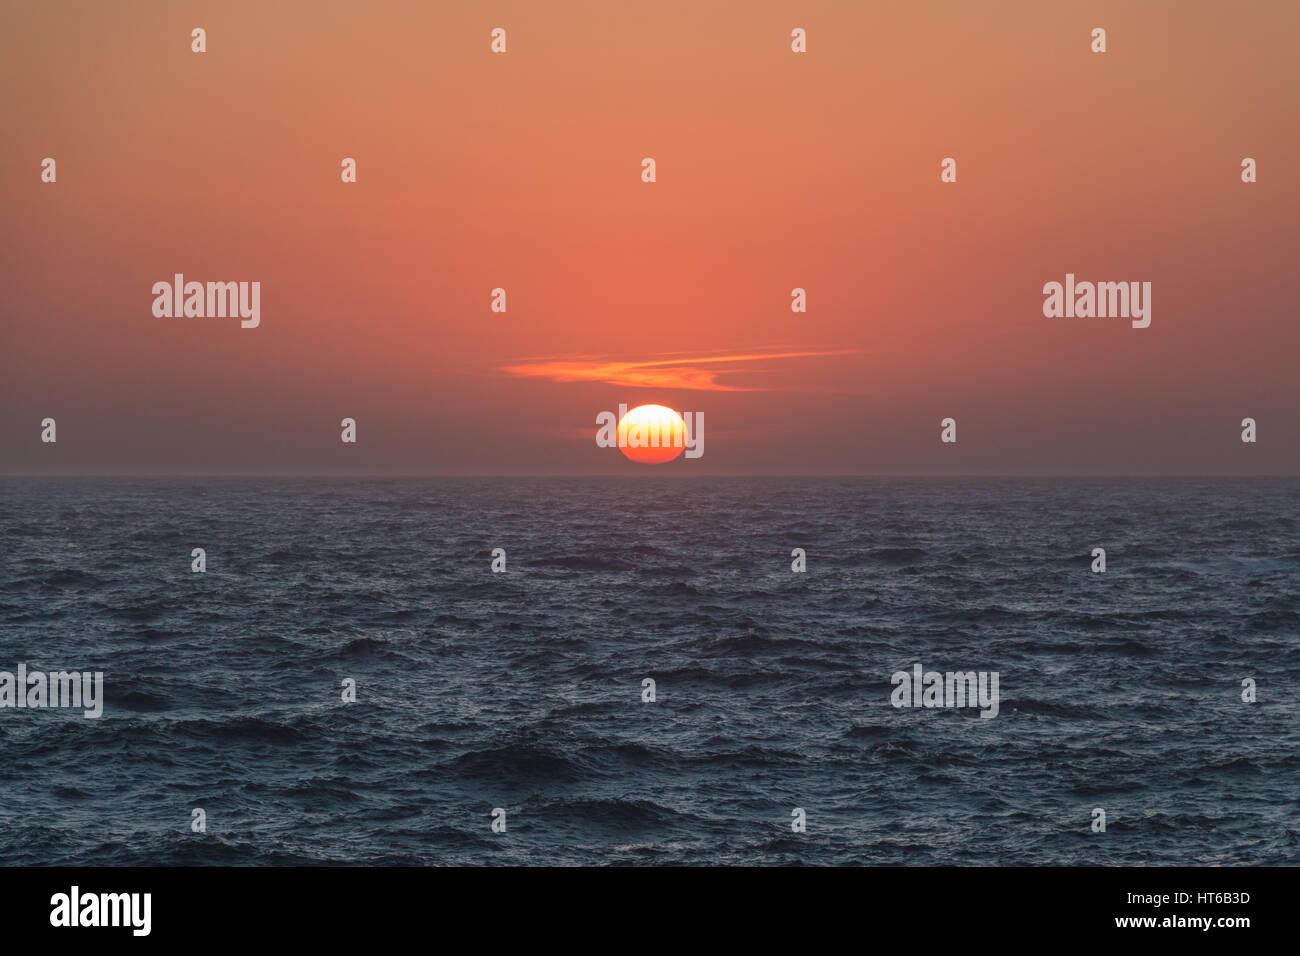 Sonnenuntergang über dem Mittelmeer Stockbild